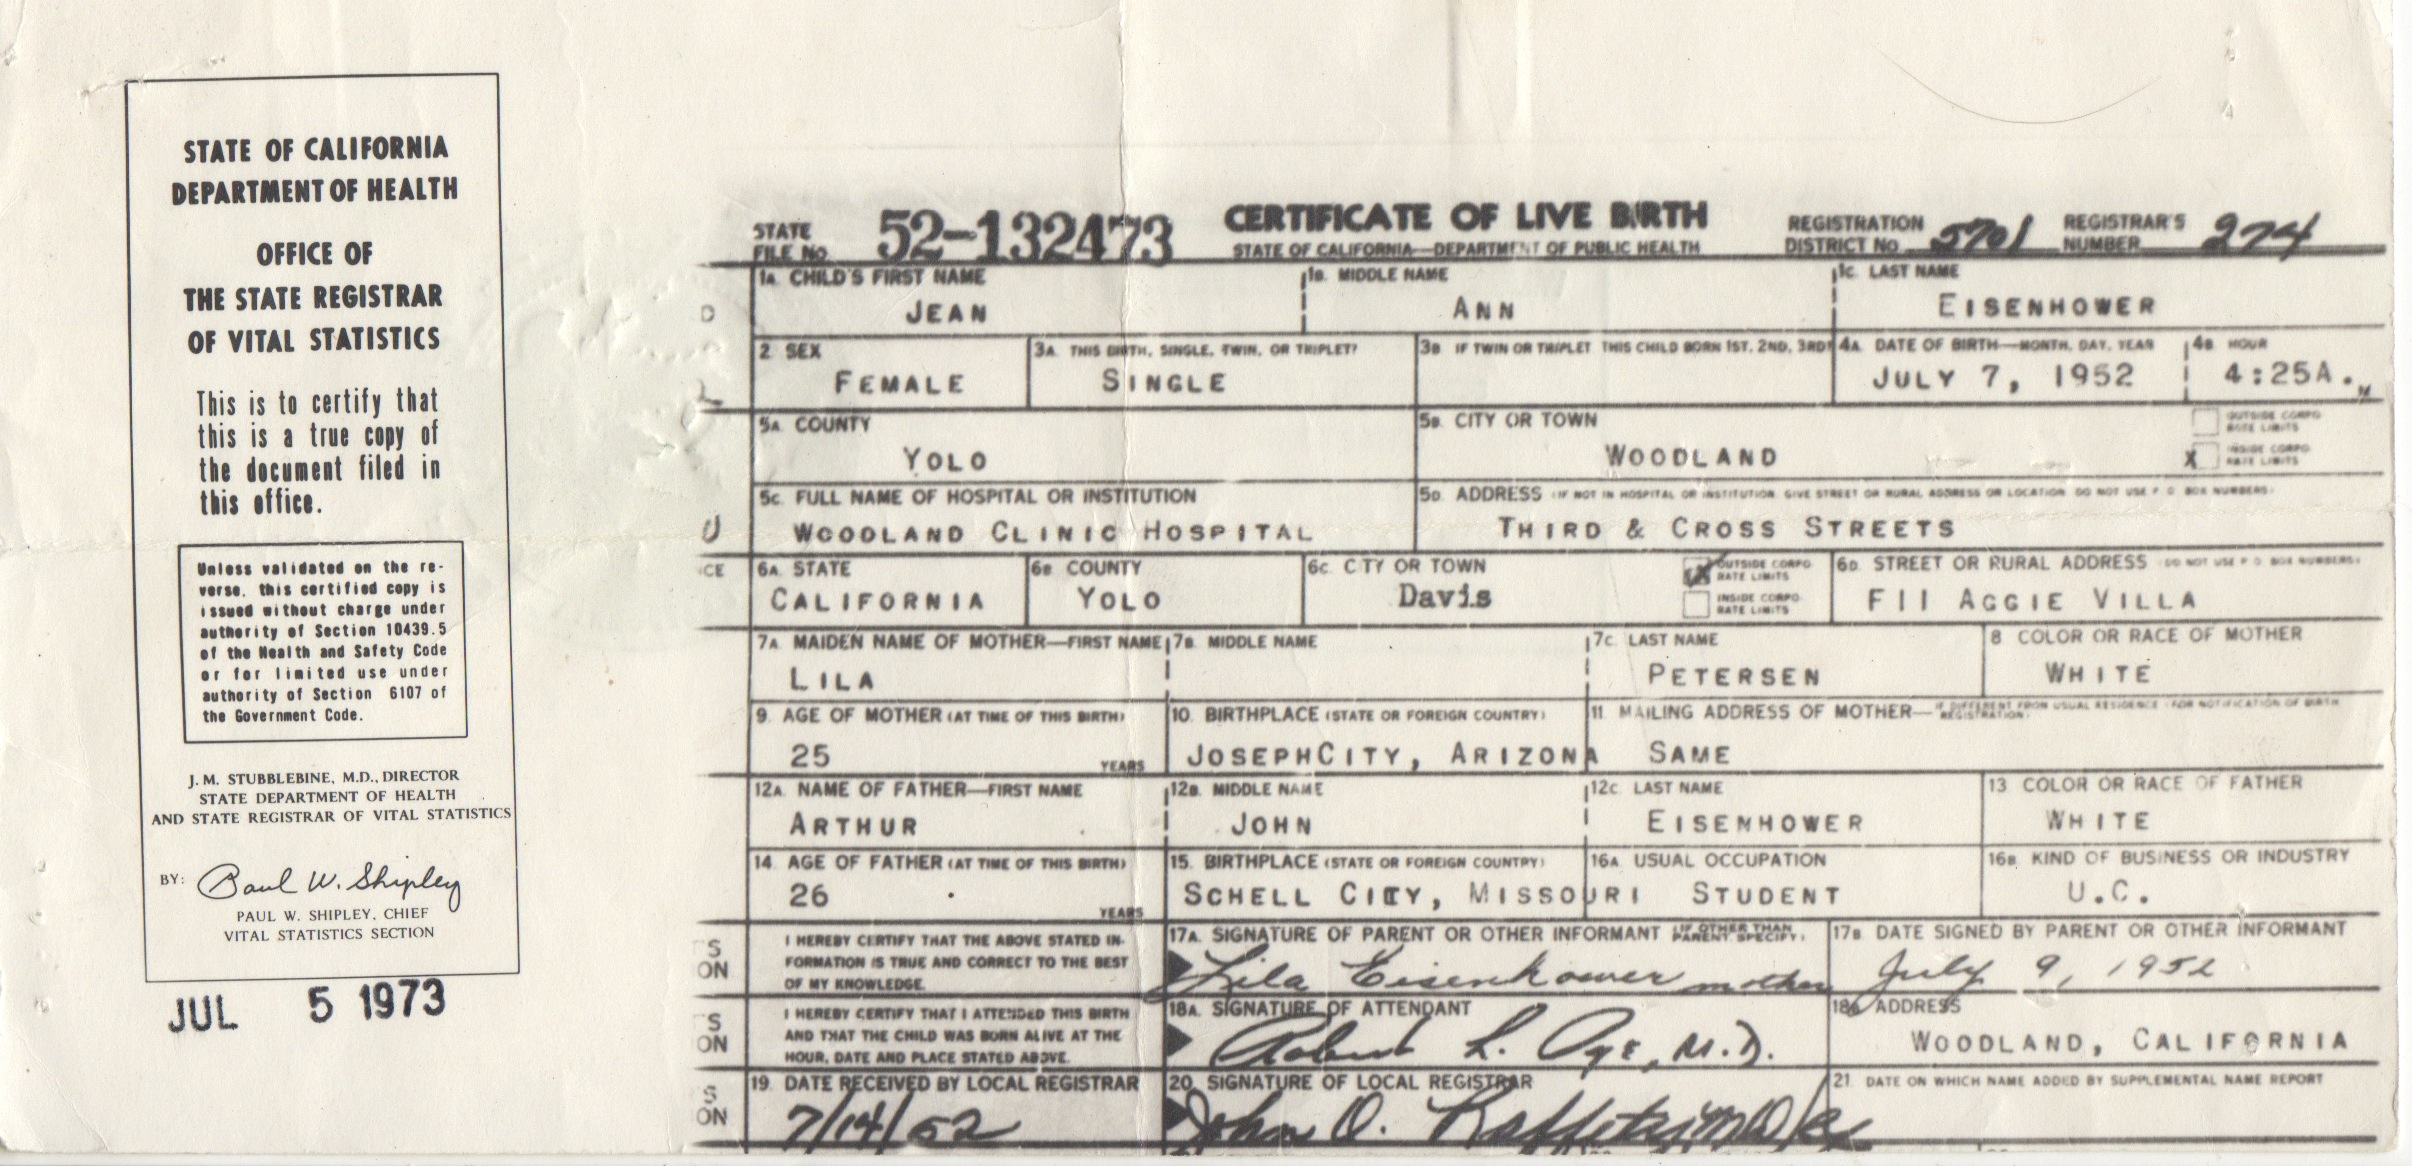 Jean Ann Eisenhower birth certificate 1.jpeg